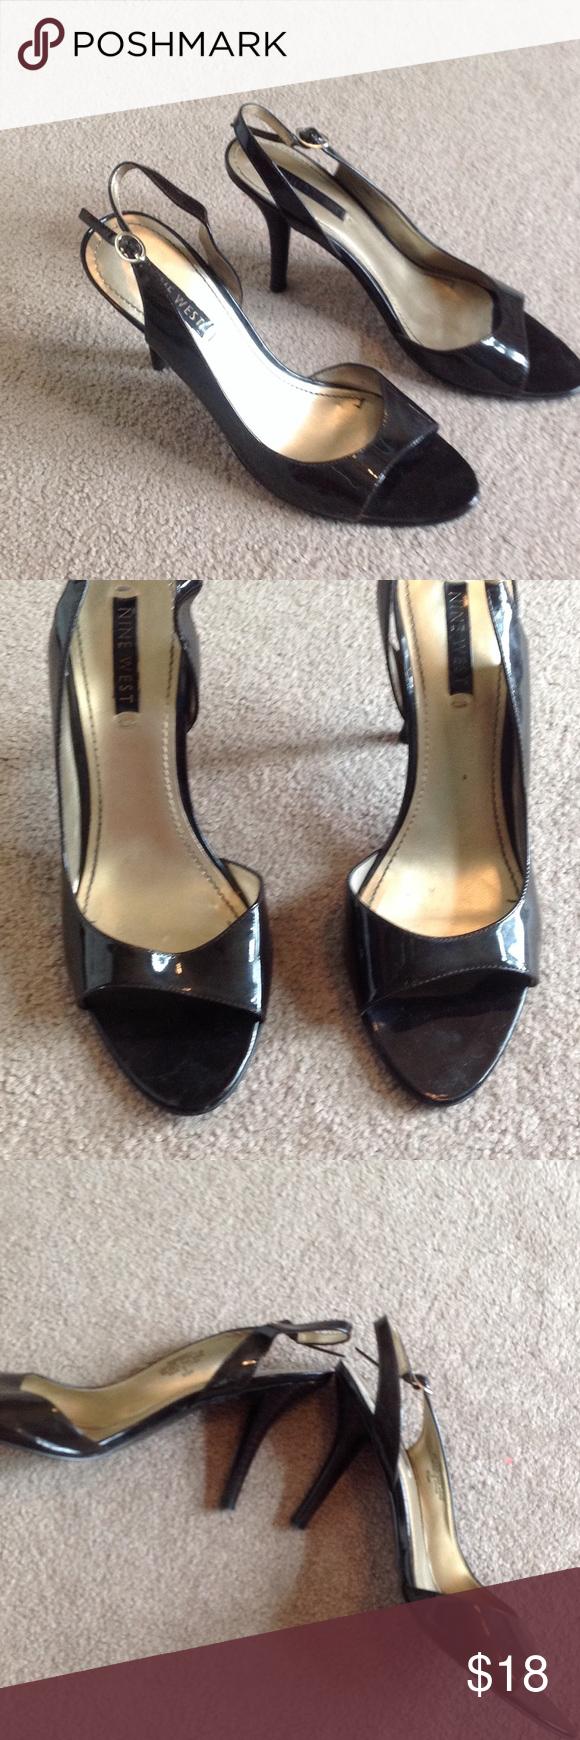 Black peep toe Nine West heels Buckle at the ankle. Leather upper. 4 inch heel. KG Nine West Shoes Heels